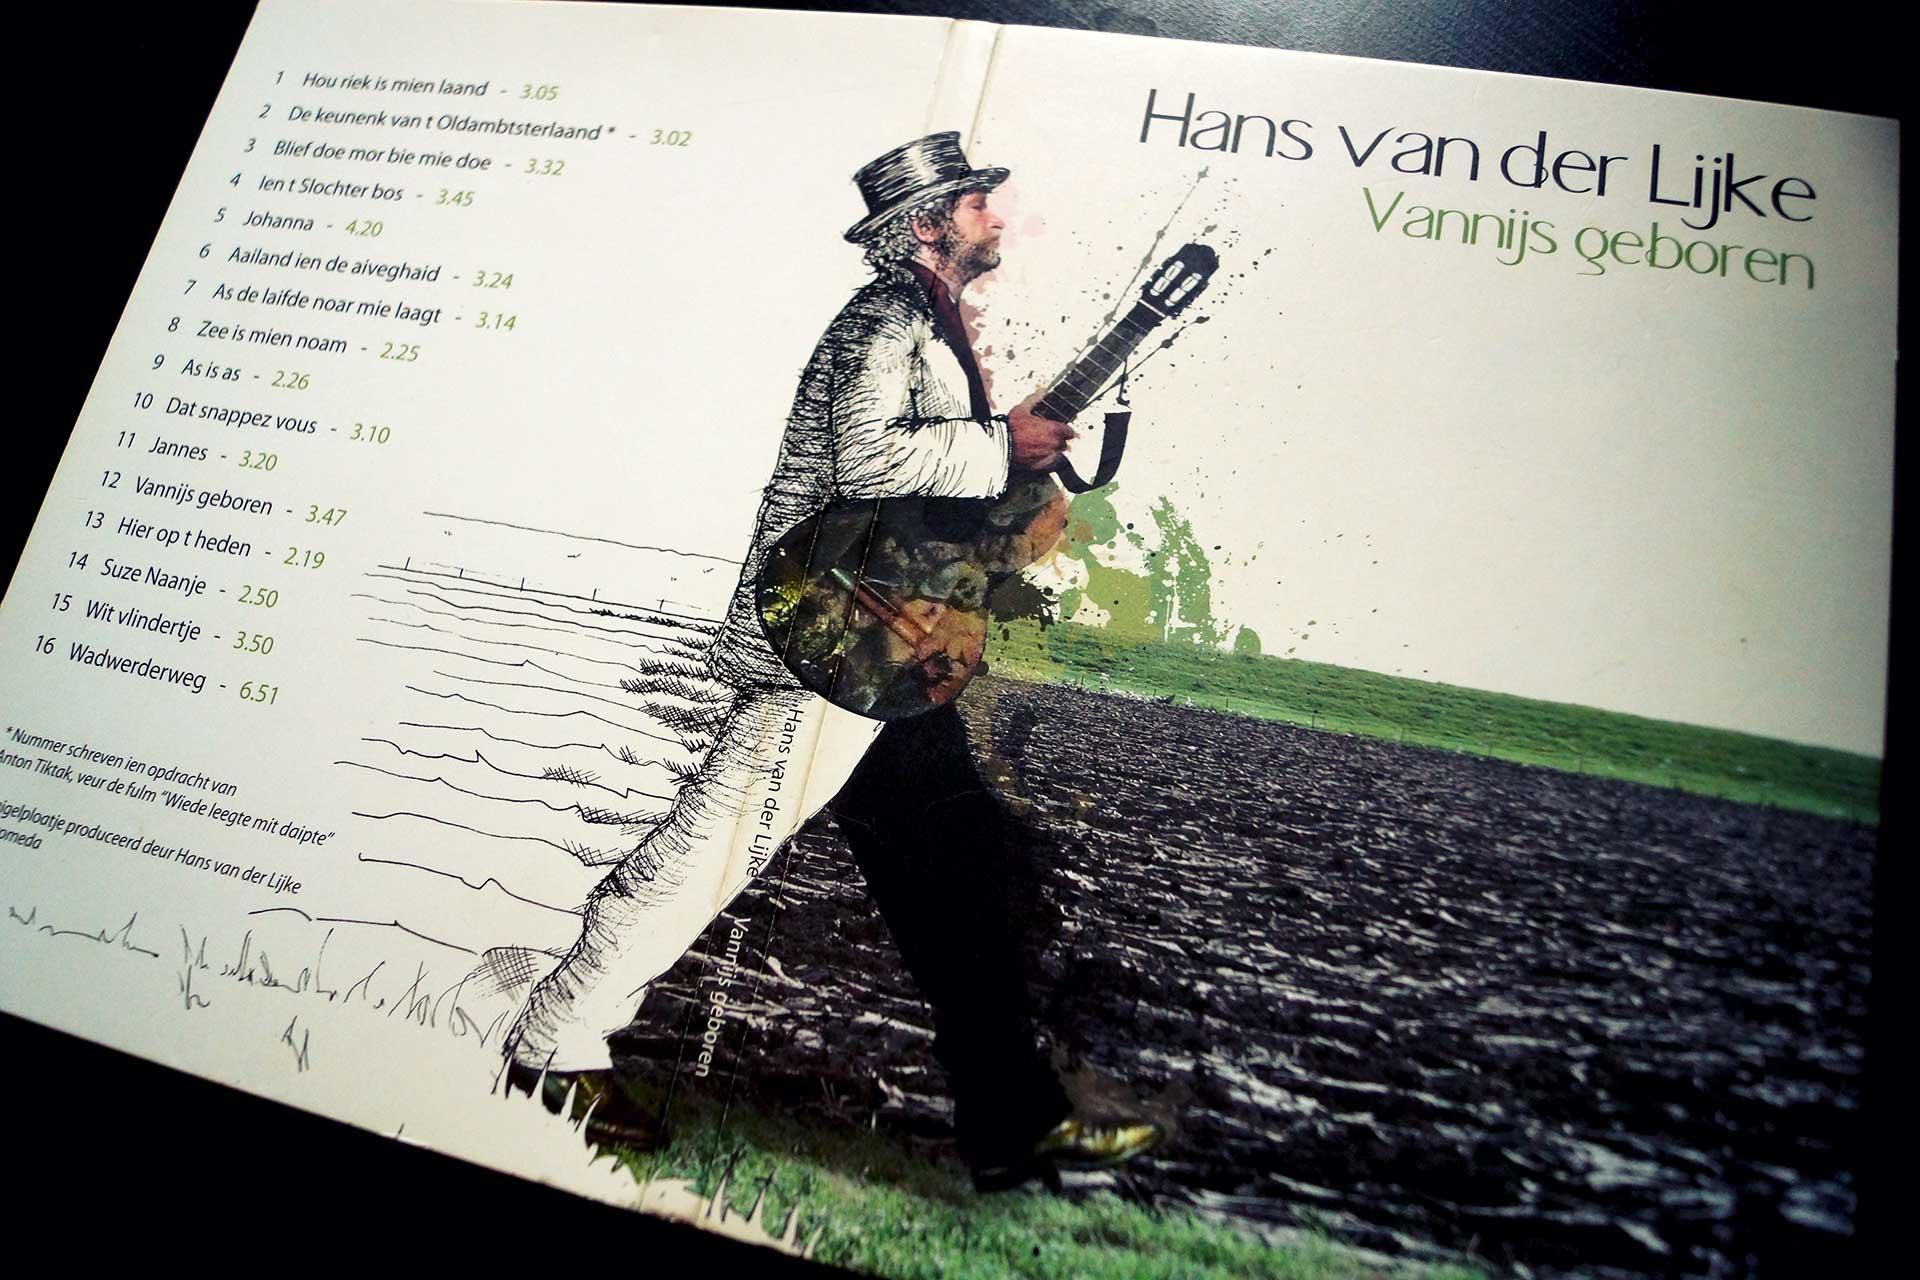 Vannijs geboren - Album Cover